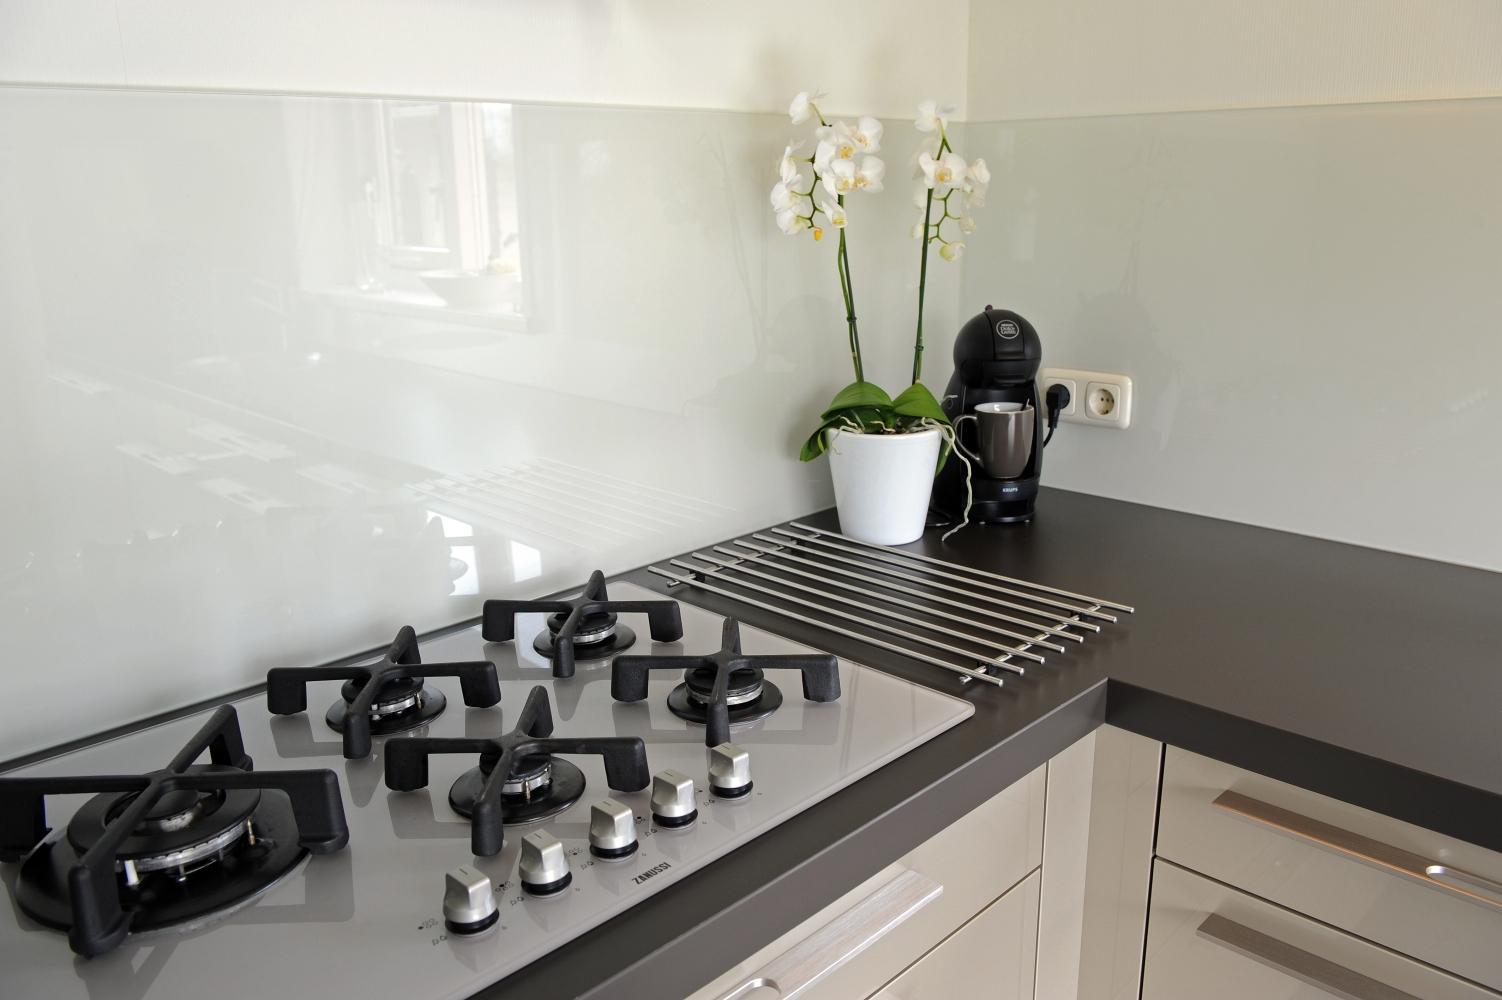 Spatwand Keuken Ikea : 10 gratis tips voor glazen keukenachterwanden glazz.nl